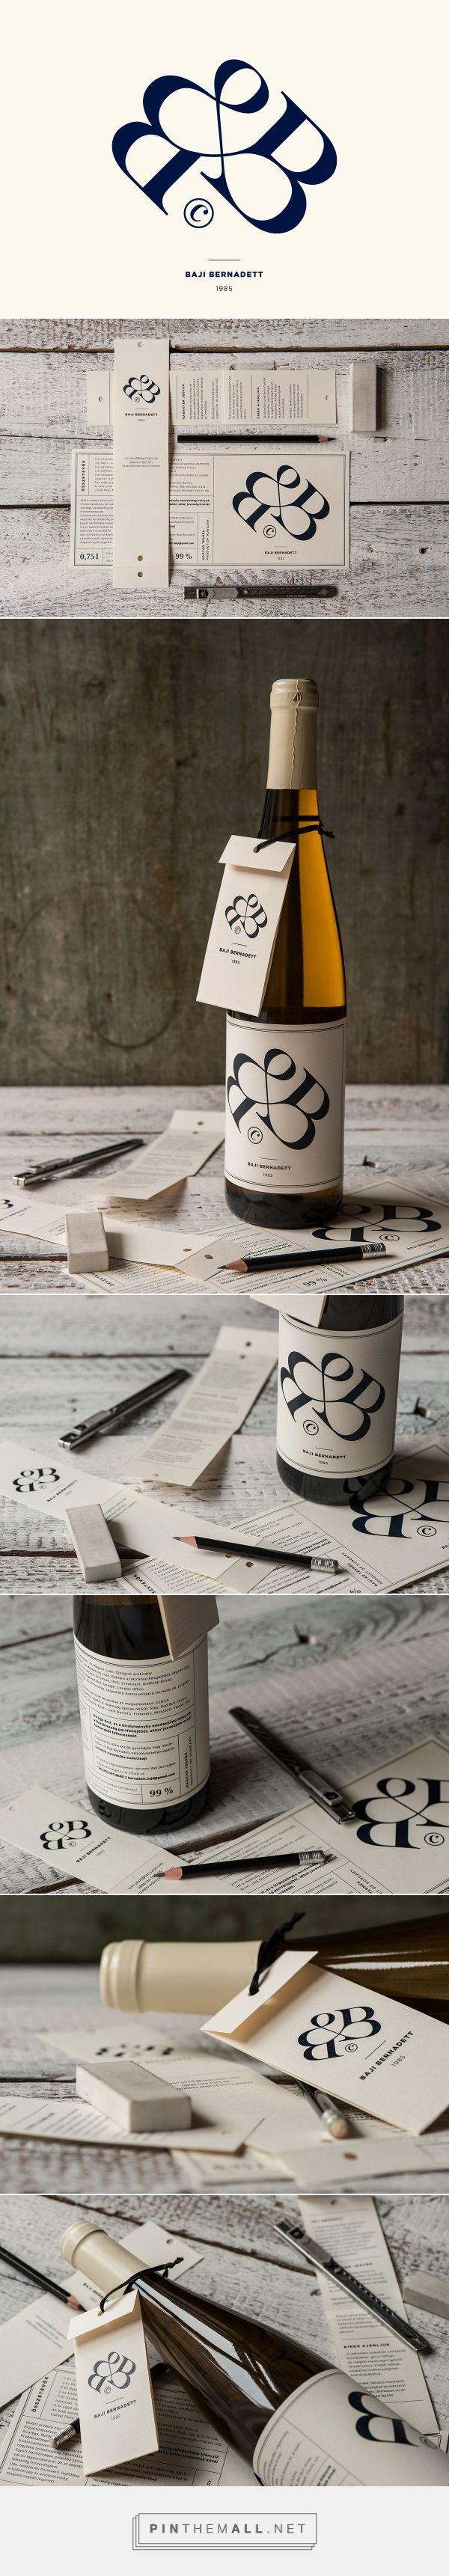 made by Kiss Miklos http://kissmiklos.com/bernadett-bajis-wine-label-cv